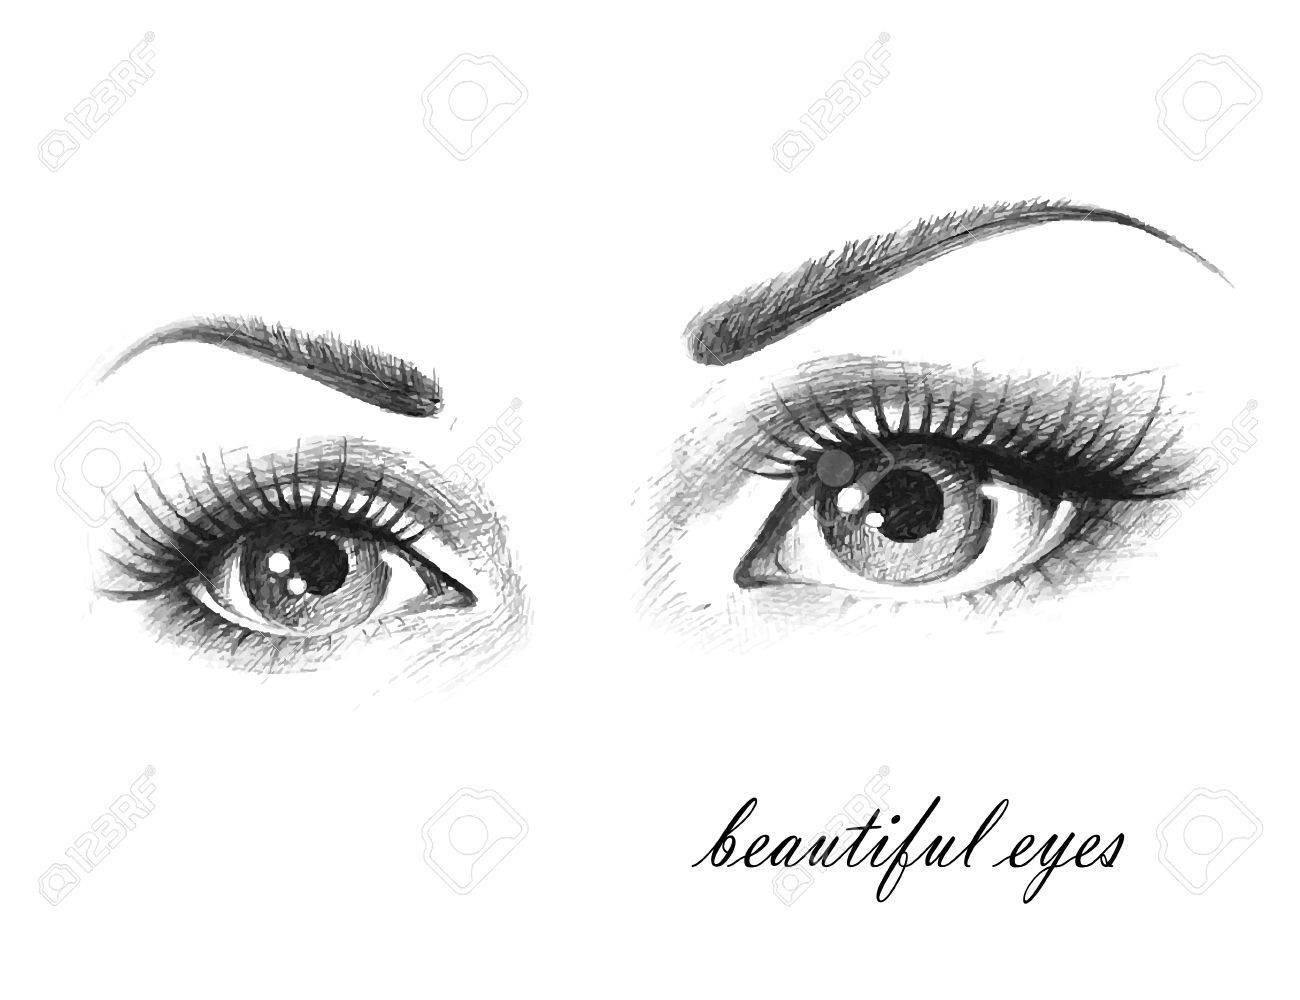 Illustration of woman eyes with long eyelashes. - 41501744